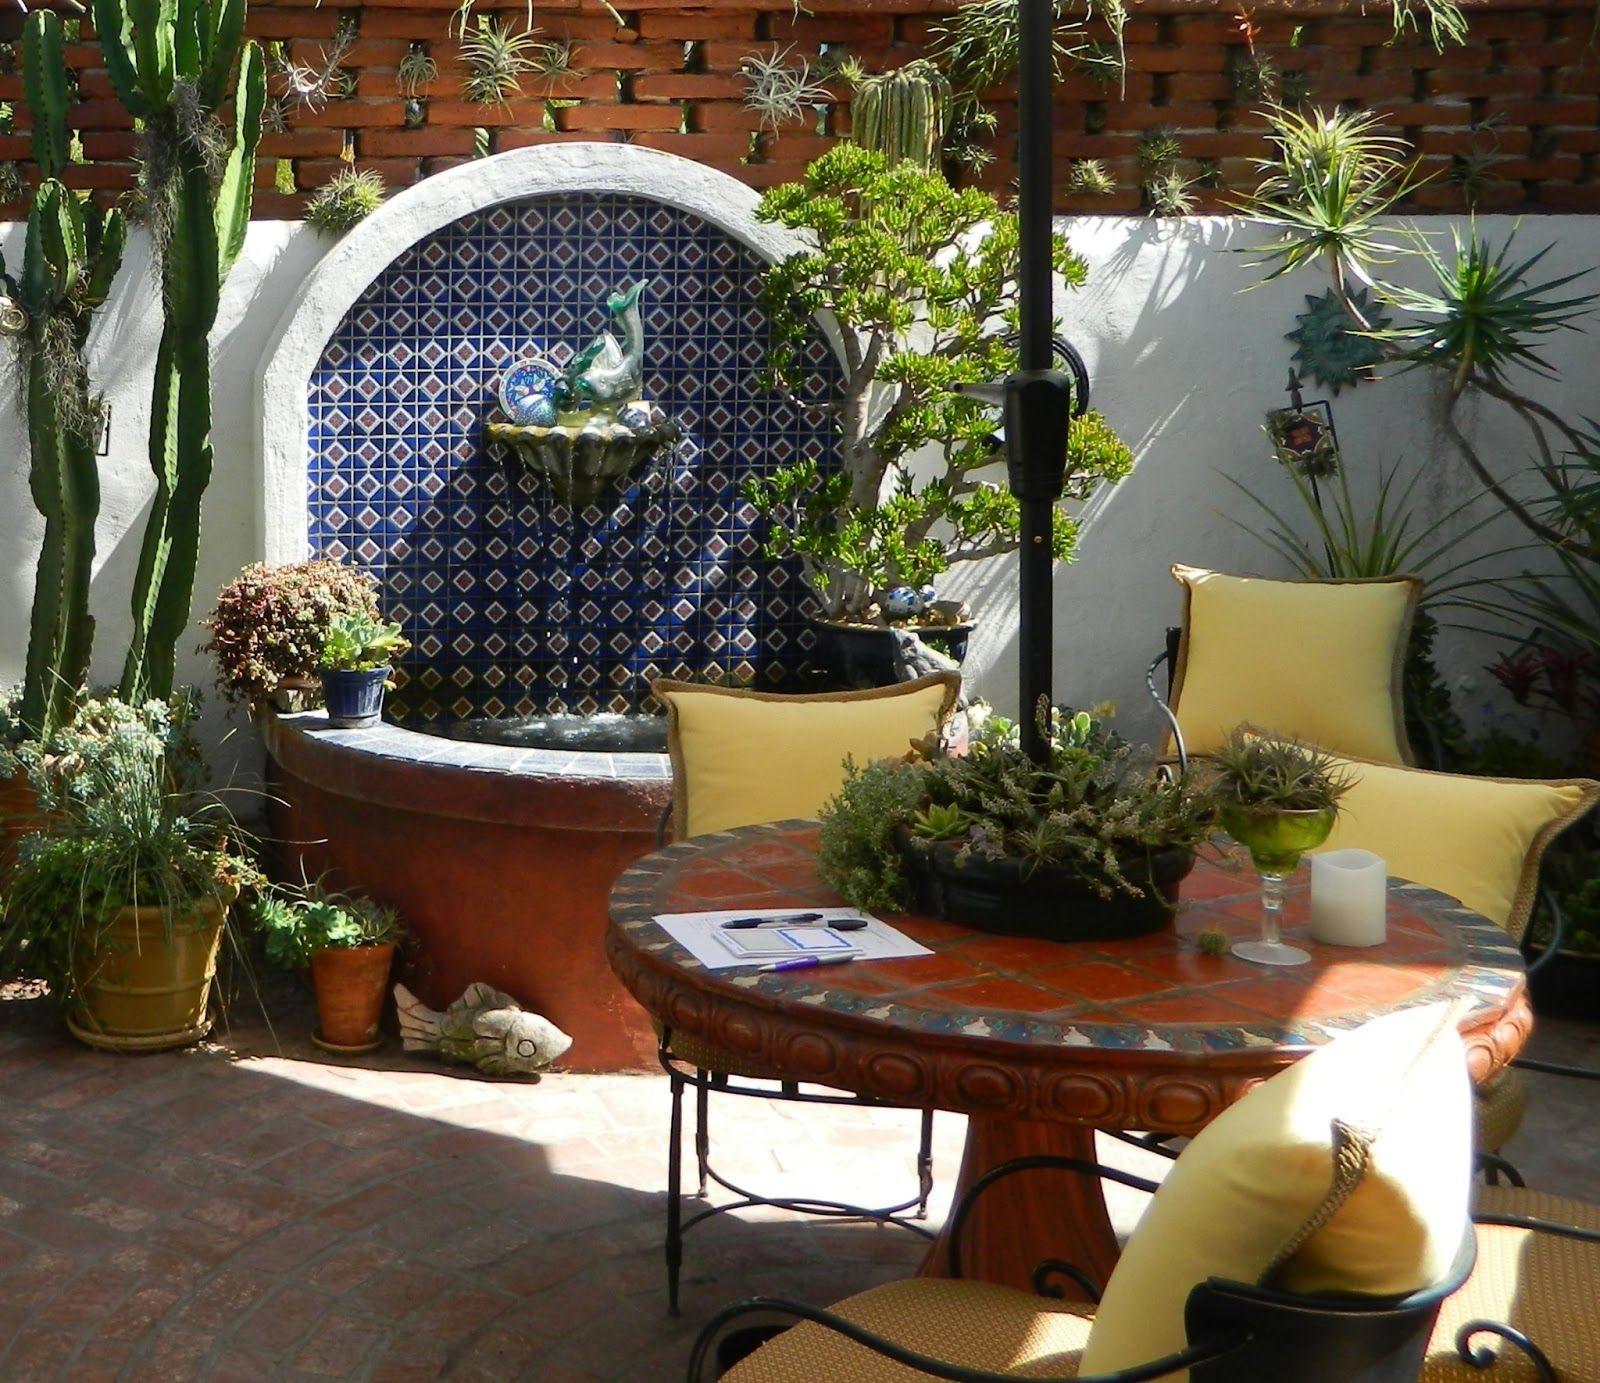 GardenEnvy: Decidedly Spanish Garden, Definitely In San Diego